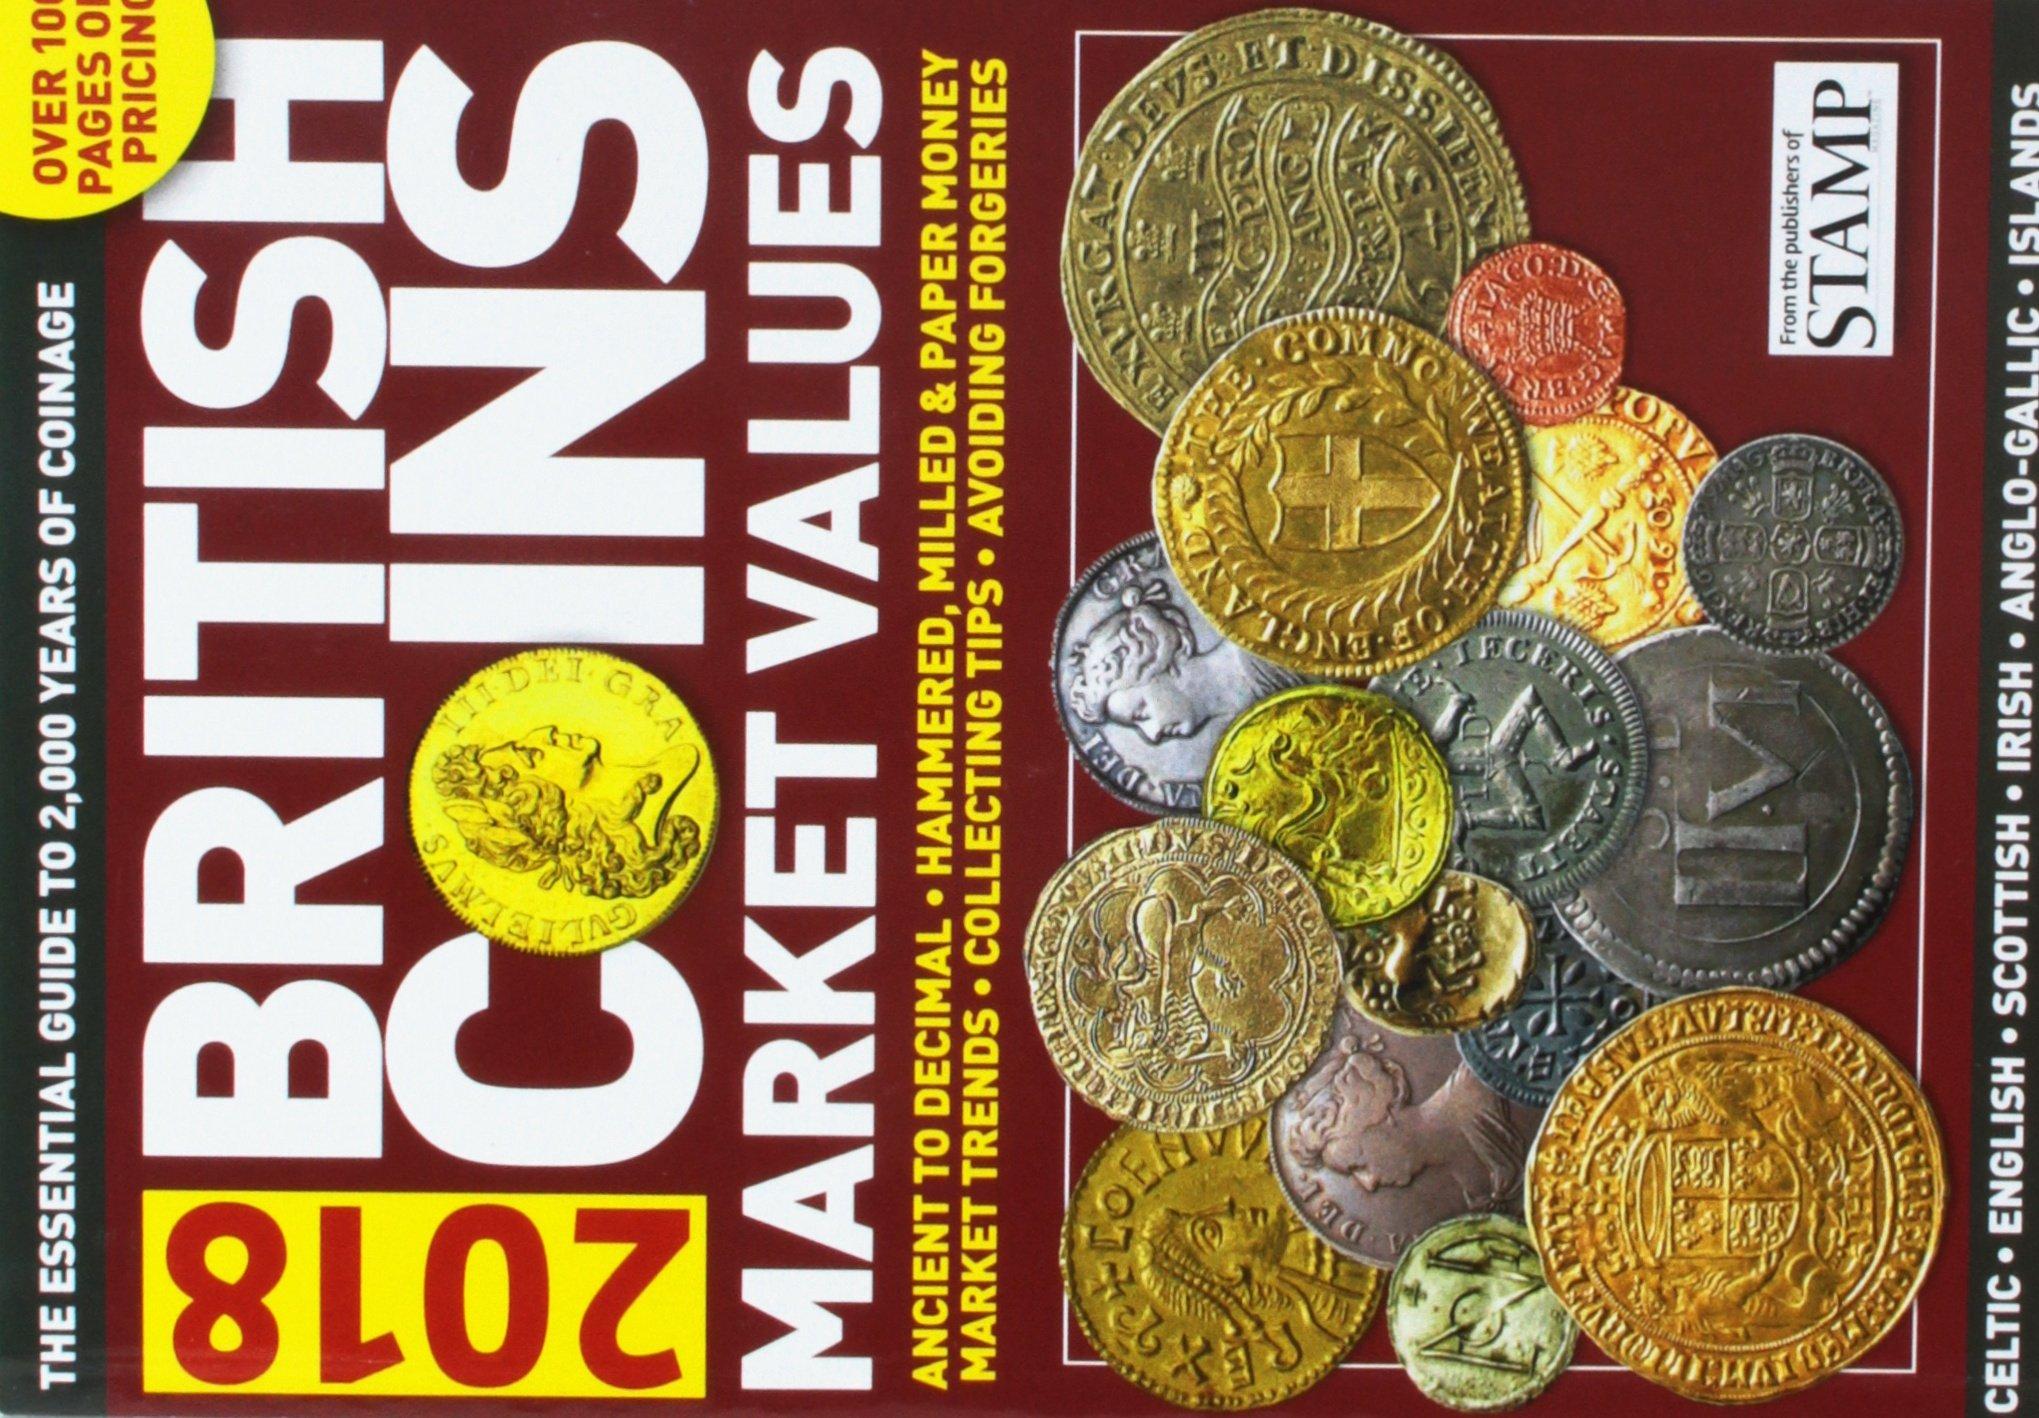 British Coins Market Values 2018: Amazon co uk: Guy Thomas